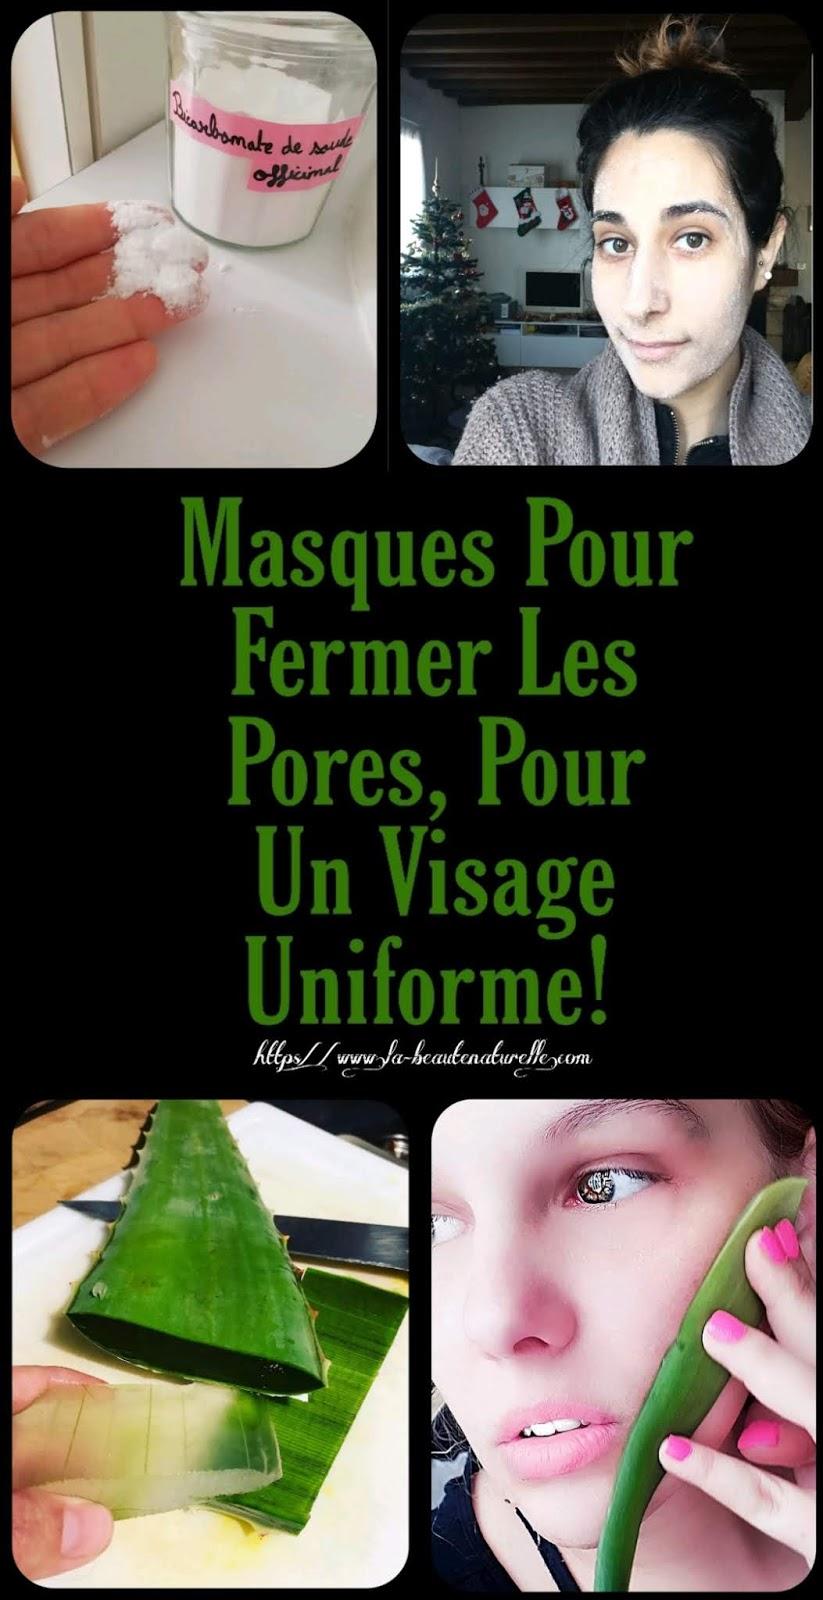 Masques Pour Fermer Les Pores, Pour Un Visage Uniforme!